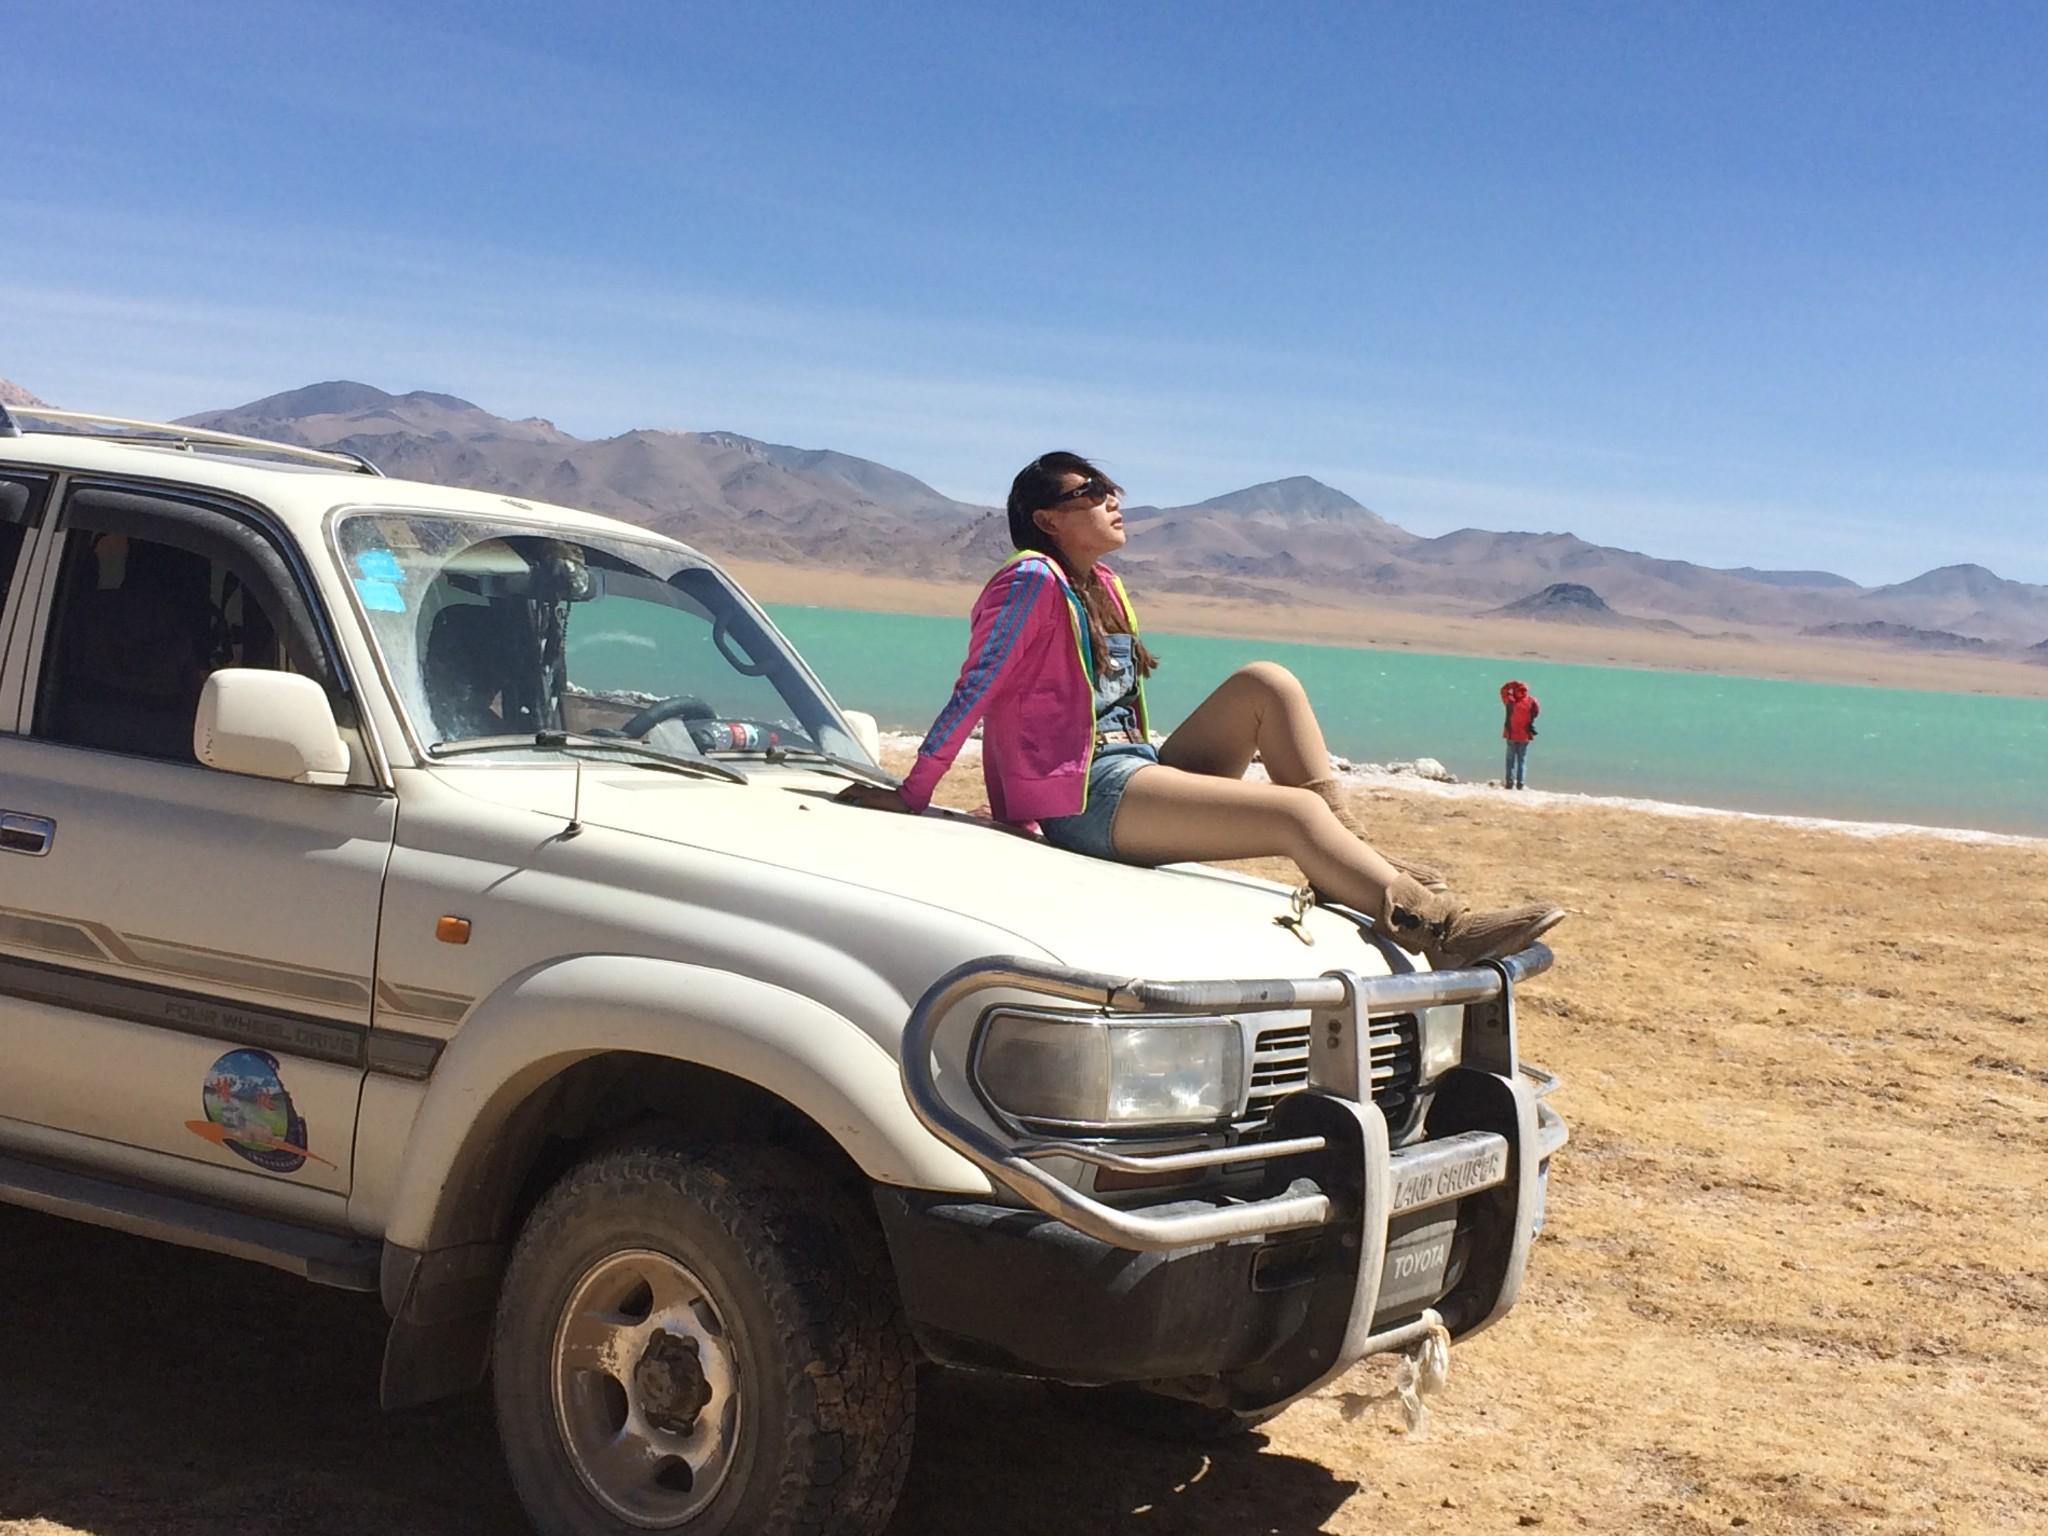 西藏旅游包车自由行—VIP小包团策划—私人定制行程—体验西藏静心之旅